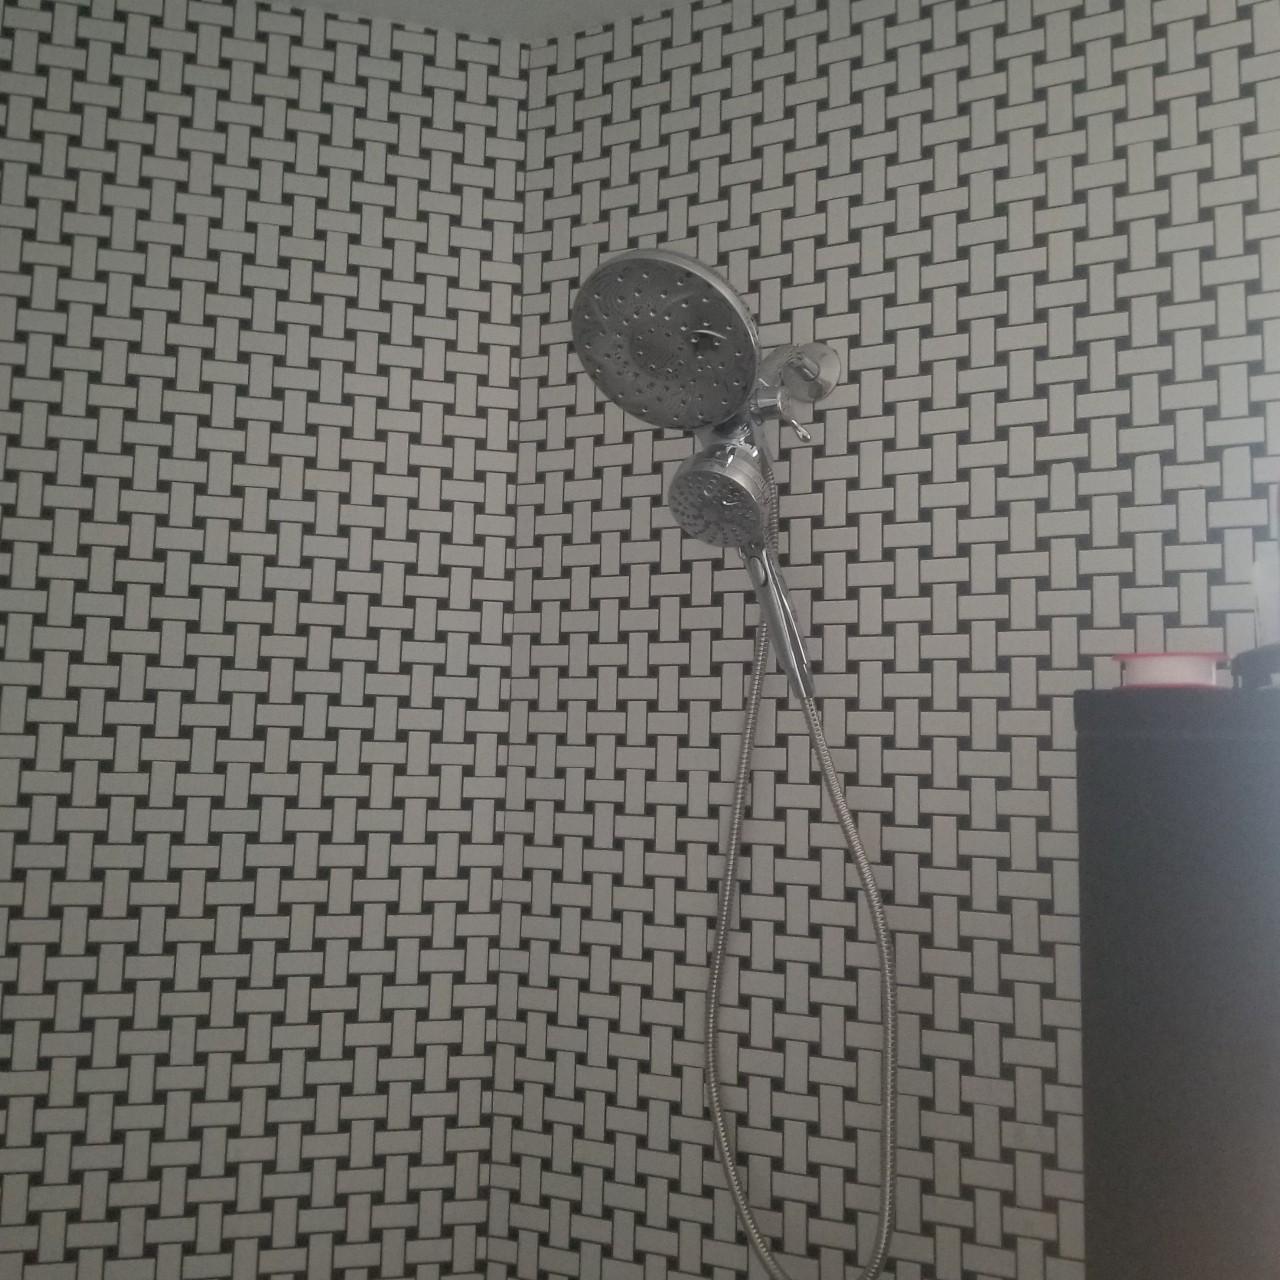 tiling-custom-bathtub-shower-tiles--after-05